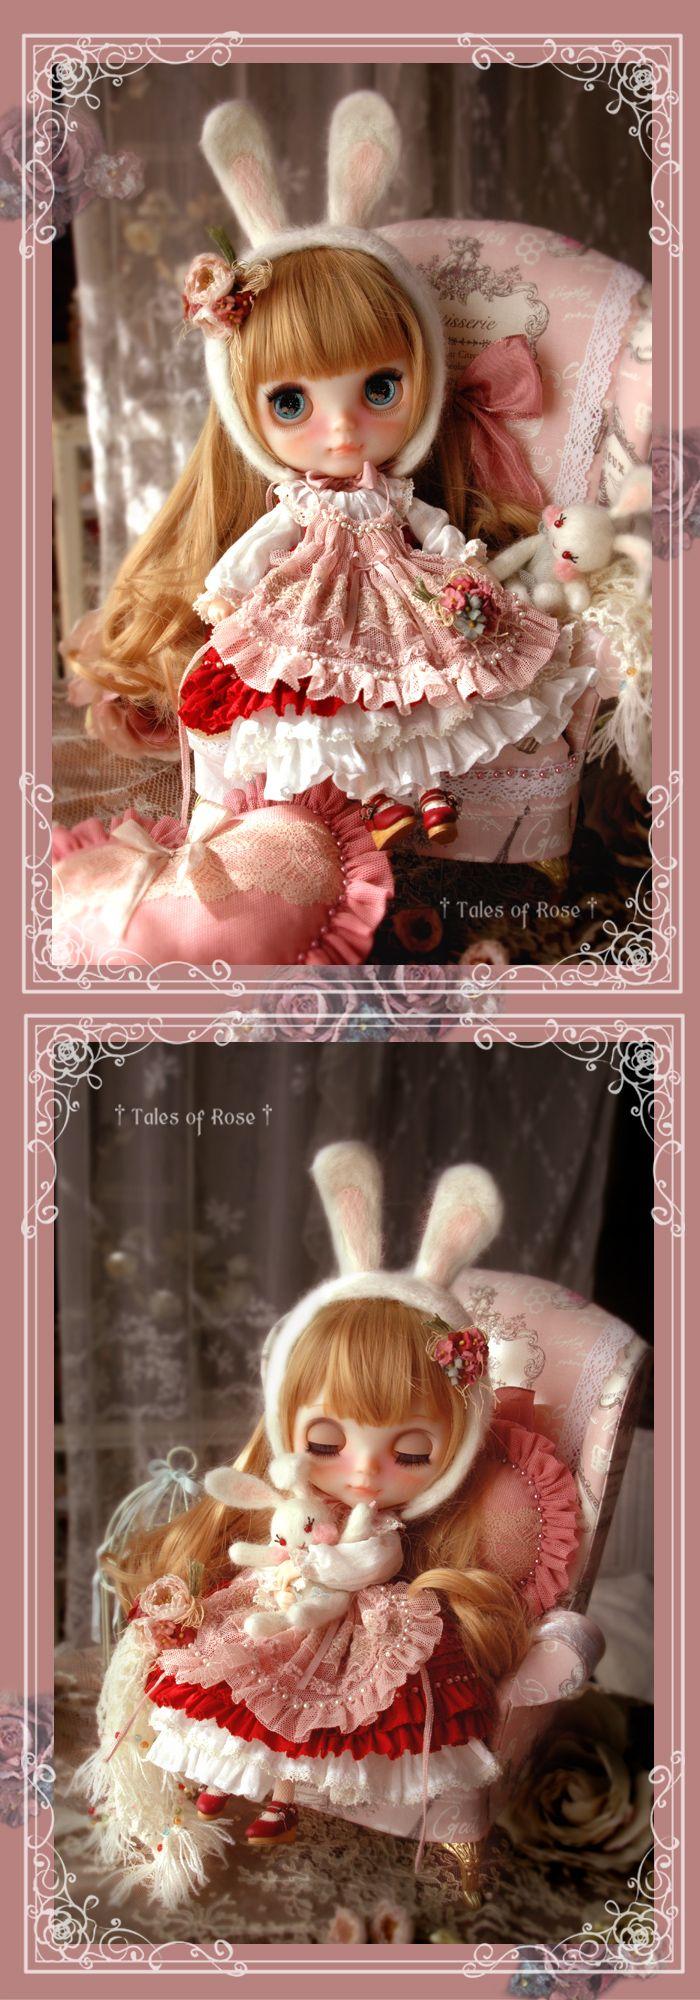 †薔薇物語†* カスタムブライス*フルセット+チェ... - ヤフオク!